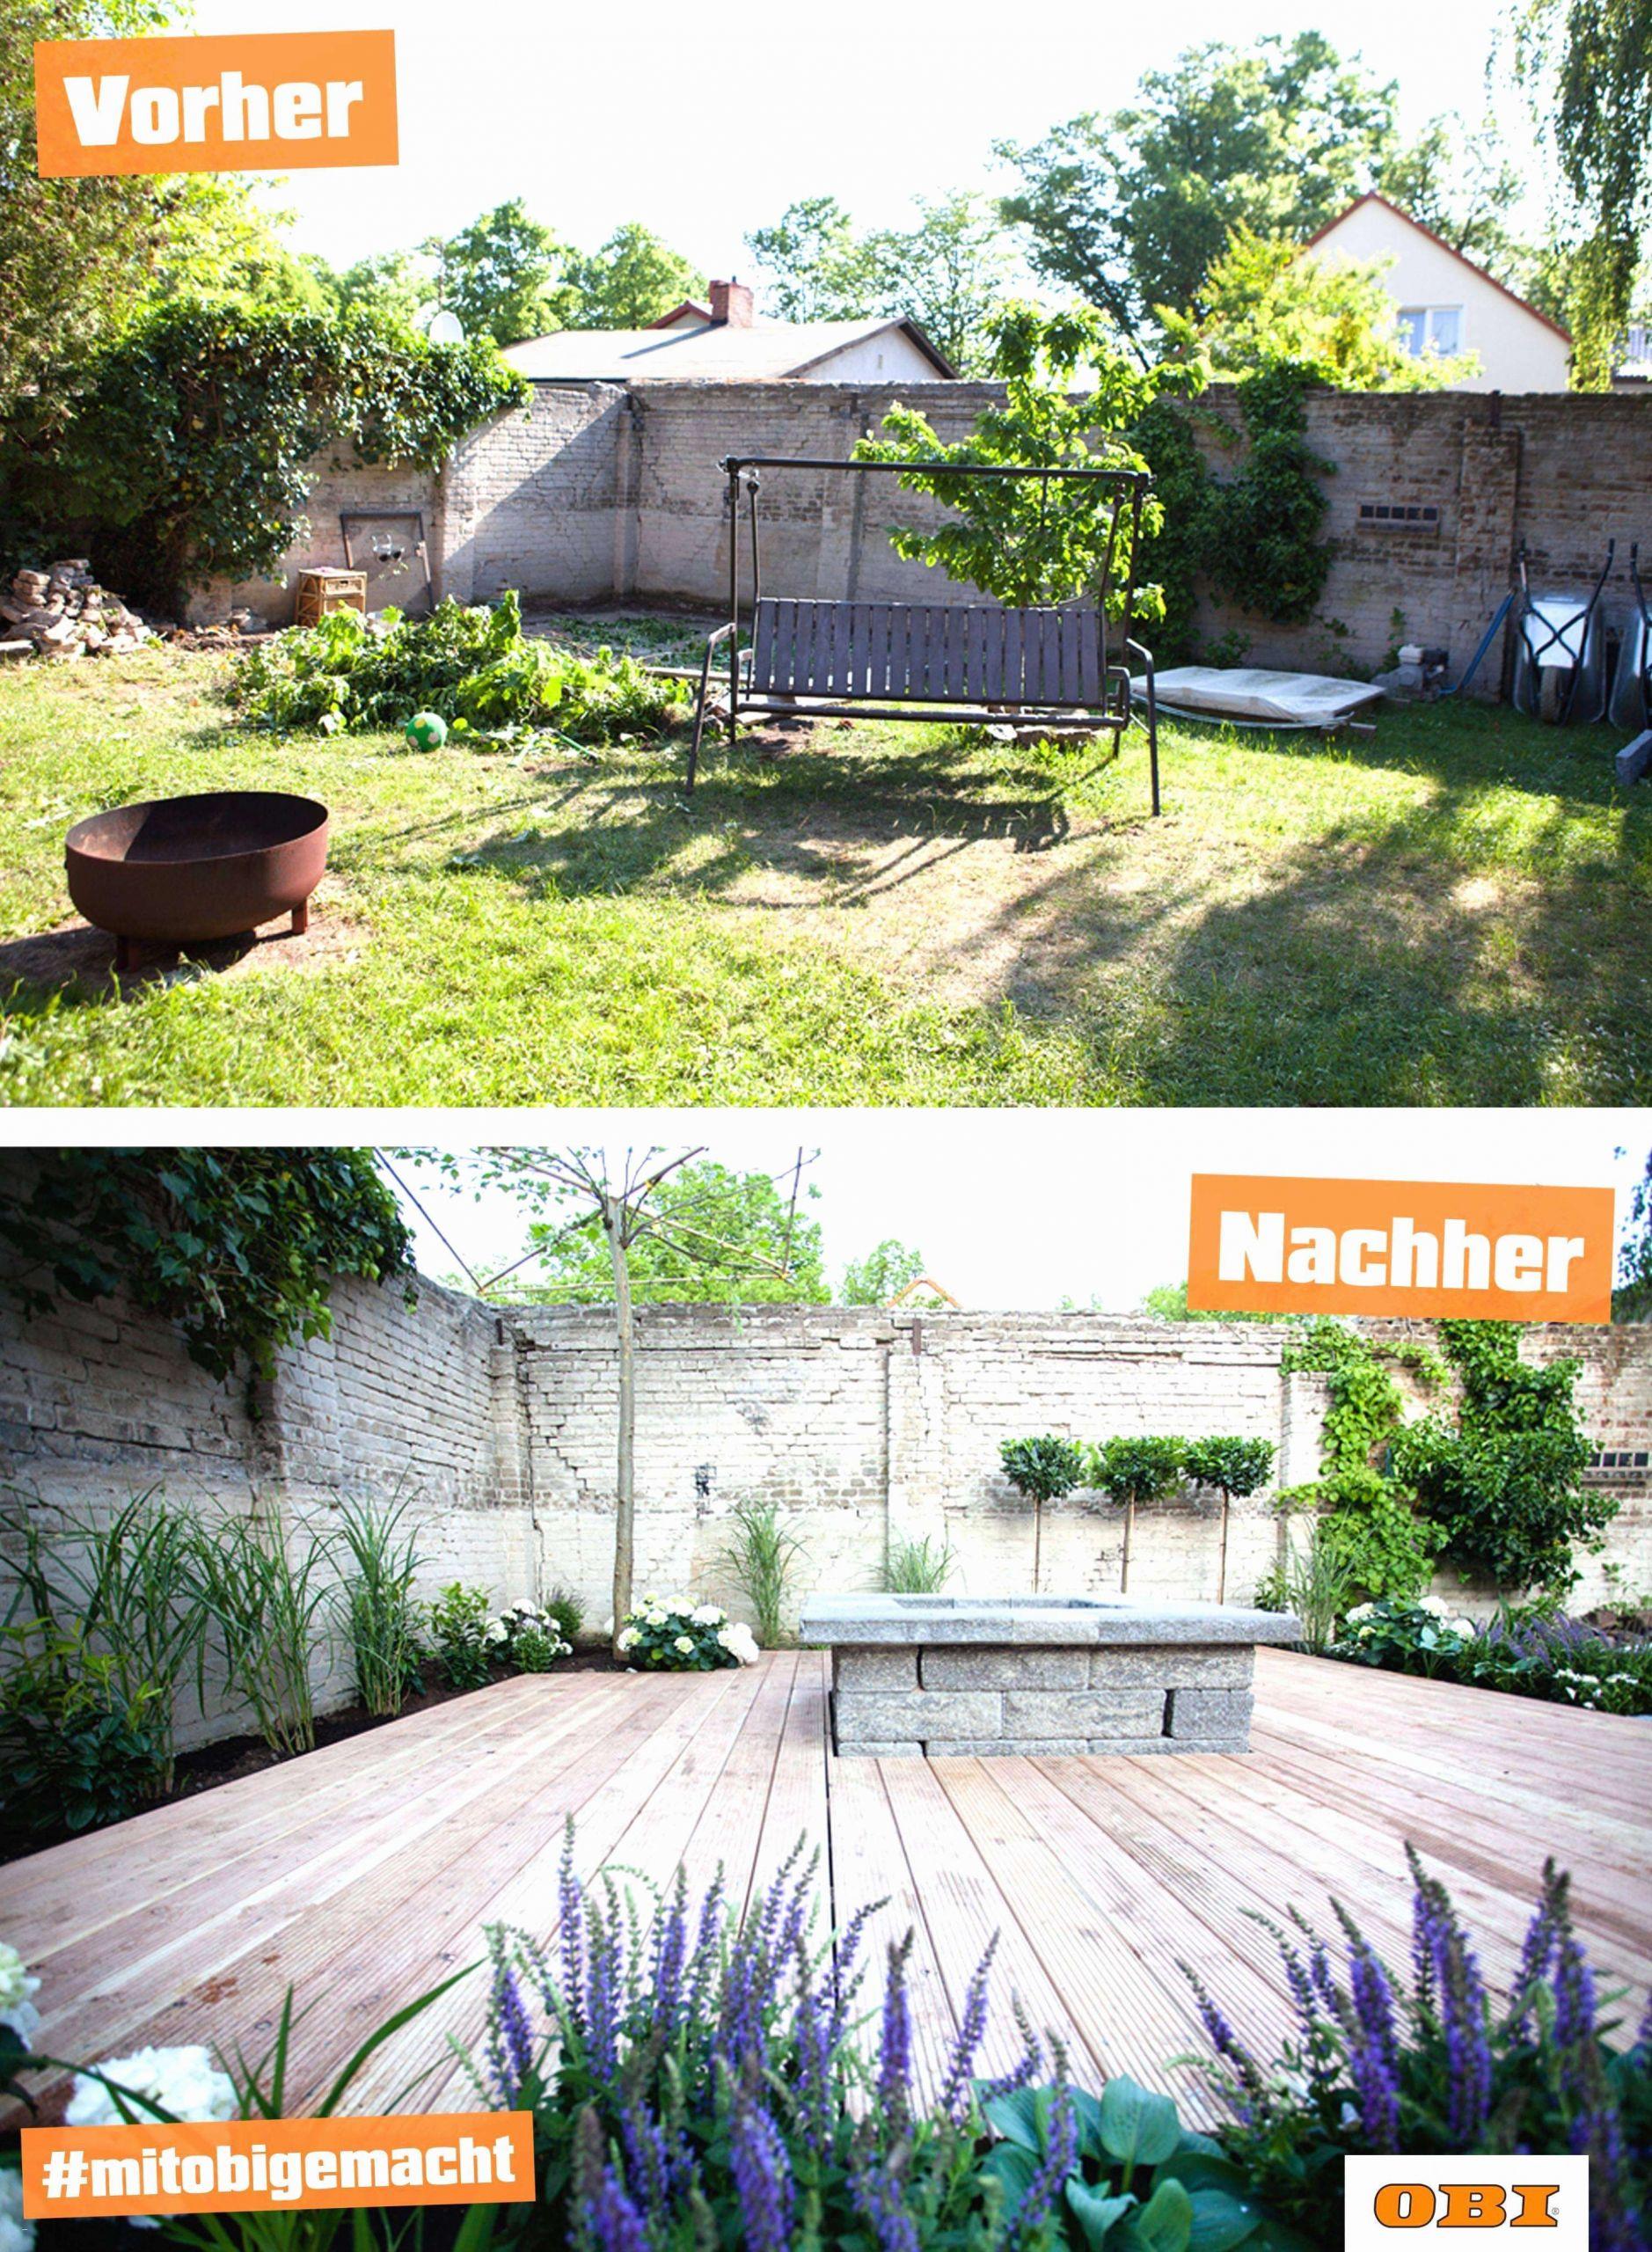 Gartengestaltung Mit Kies Bilder Elegant Gartengestaltung Ideen Mit Steinen — Temobardz Home Blog